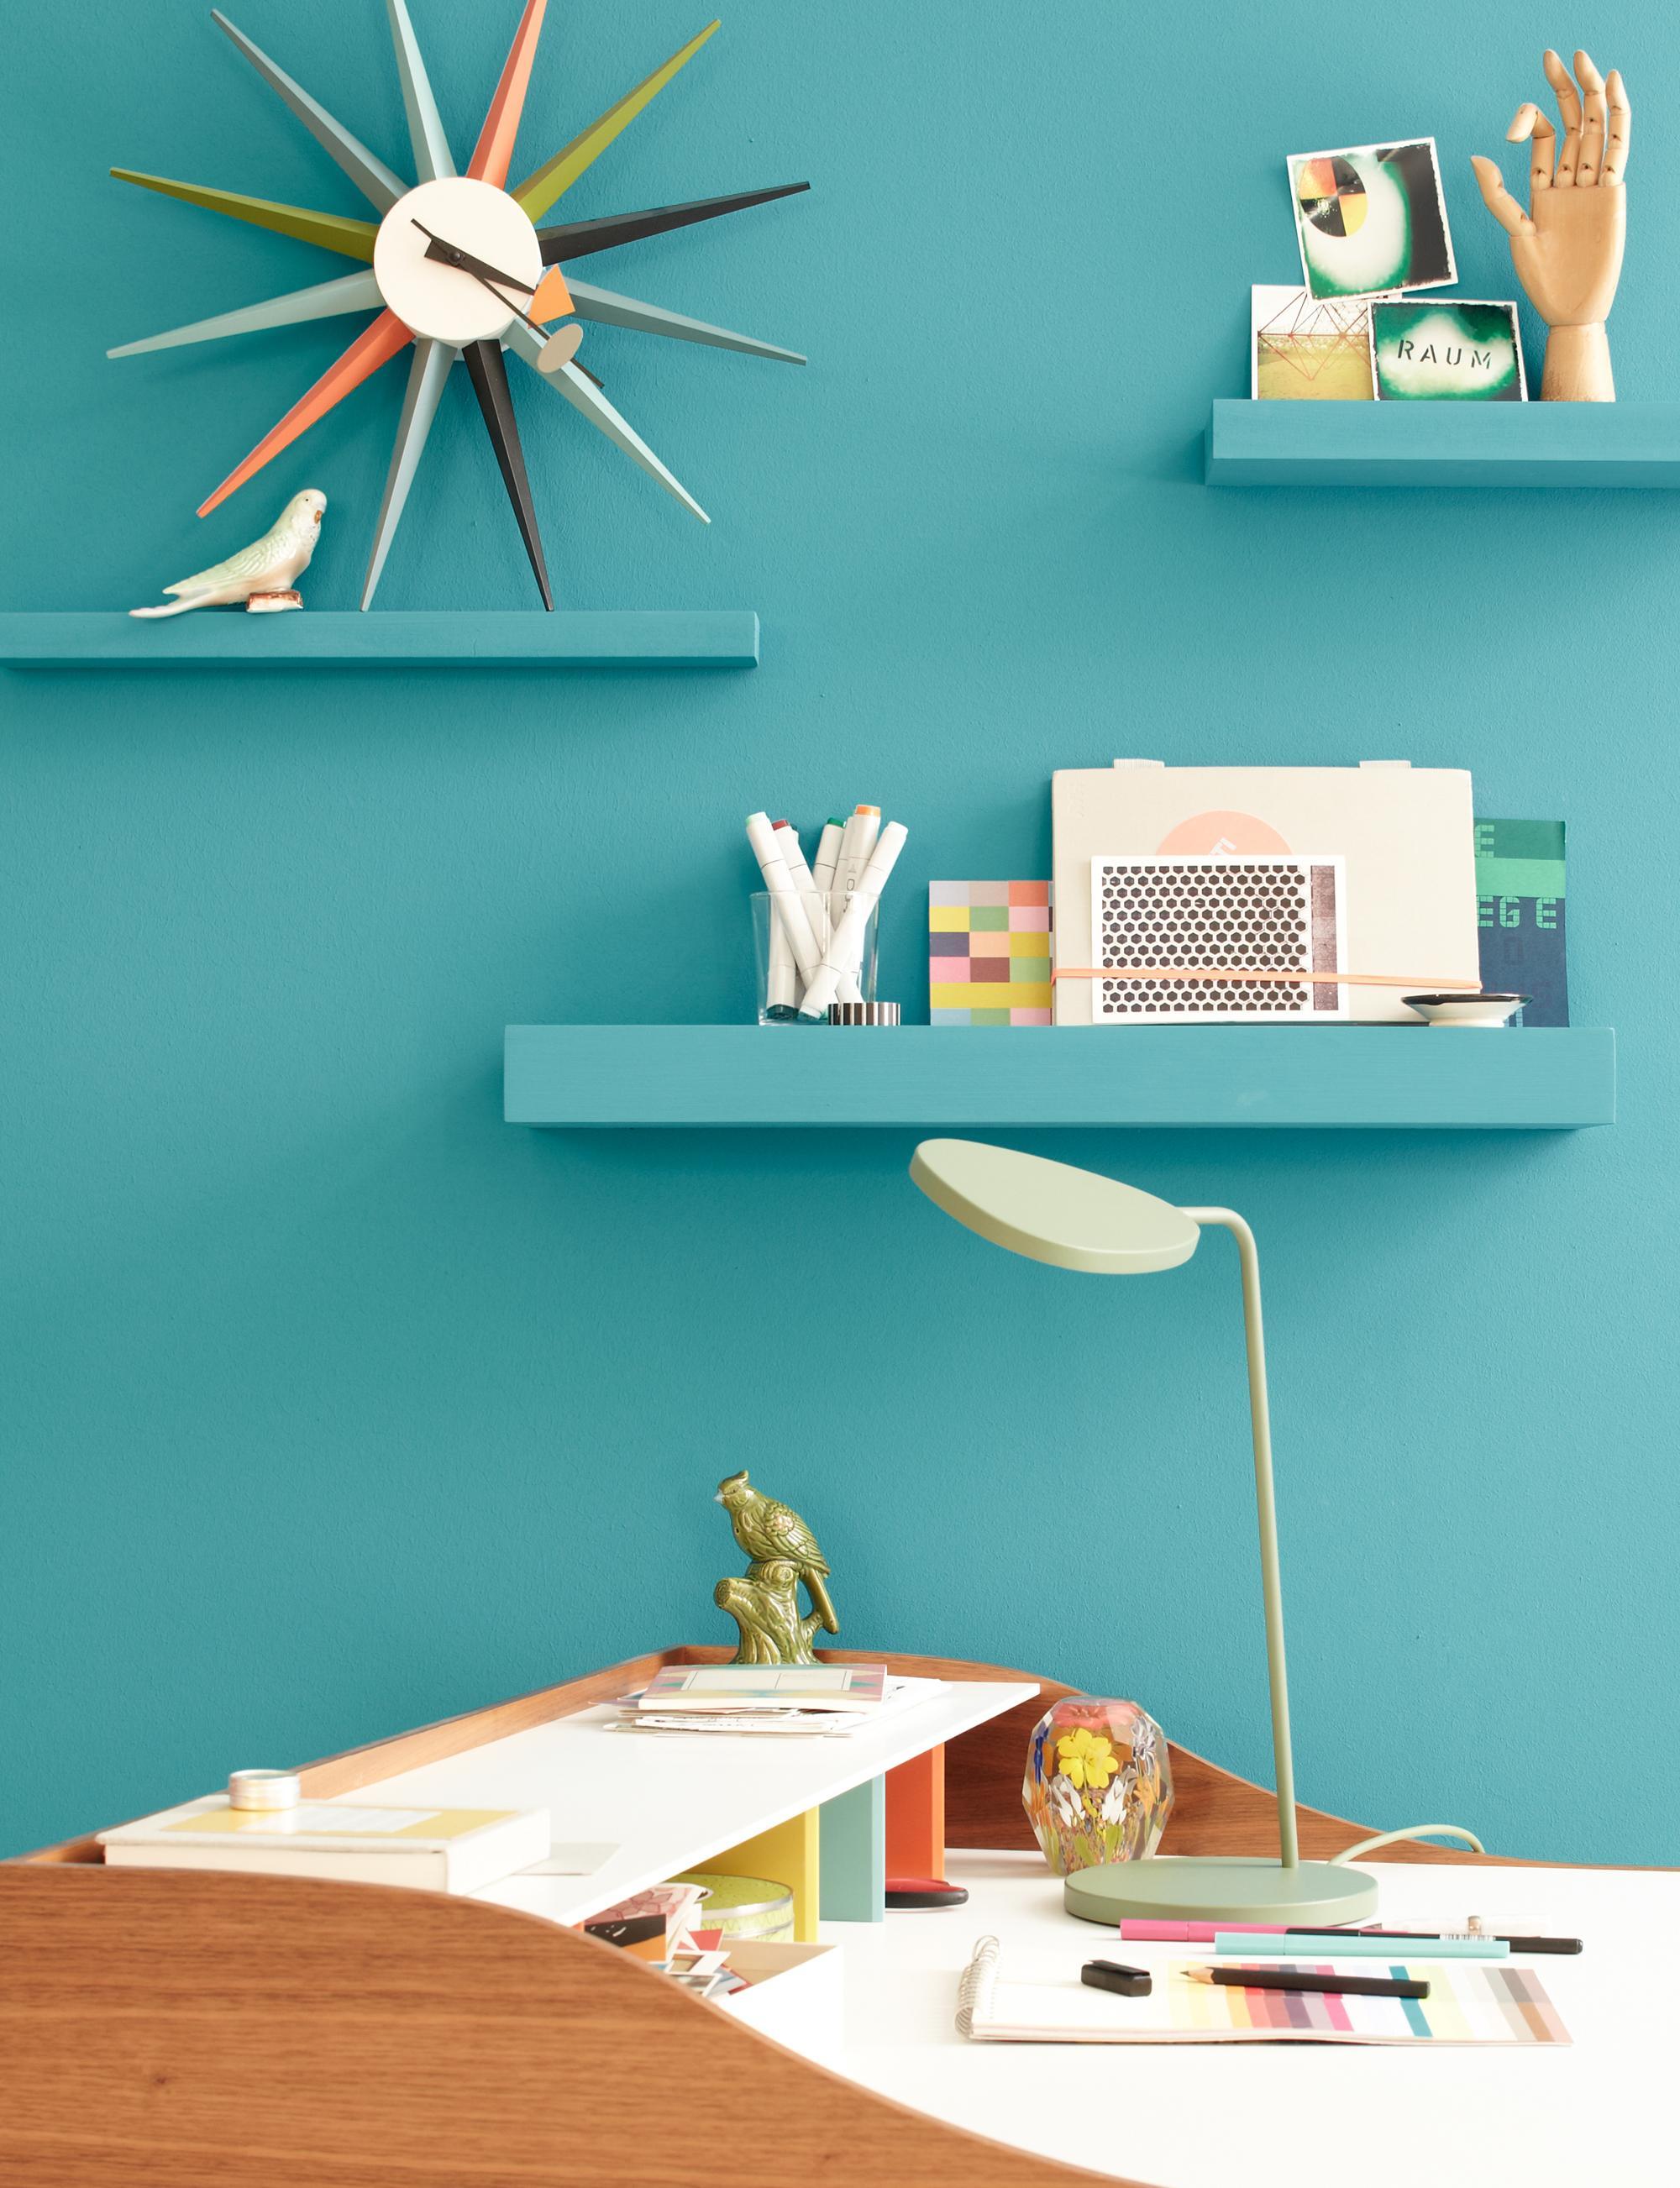 Blaue Lagune #wandfarbe #wandregal #aufbewahrung #wandgestaltung  #tischlampe #wanddeko #wanduhr